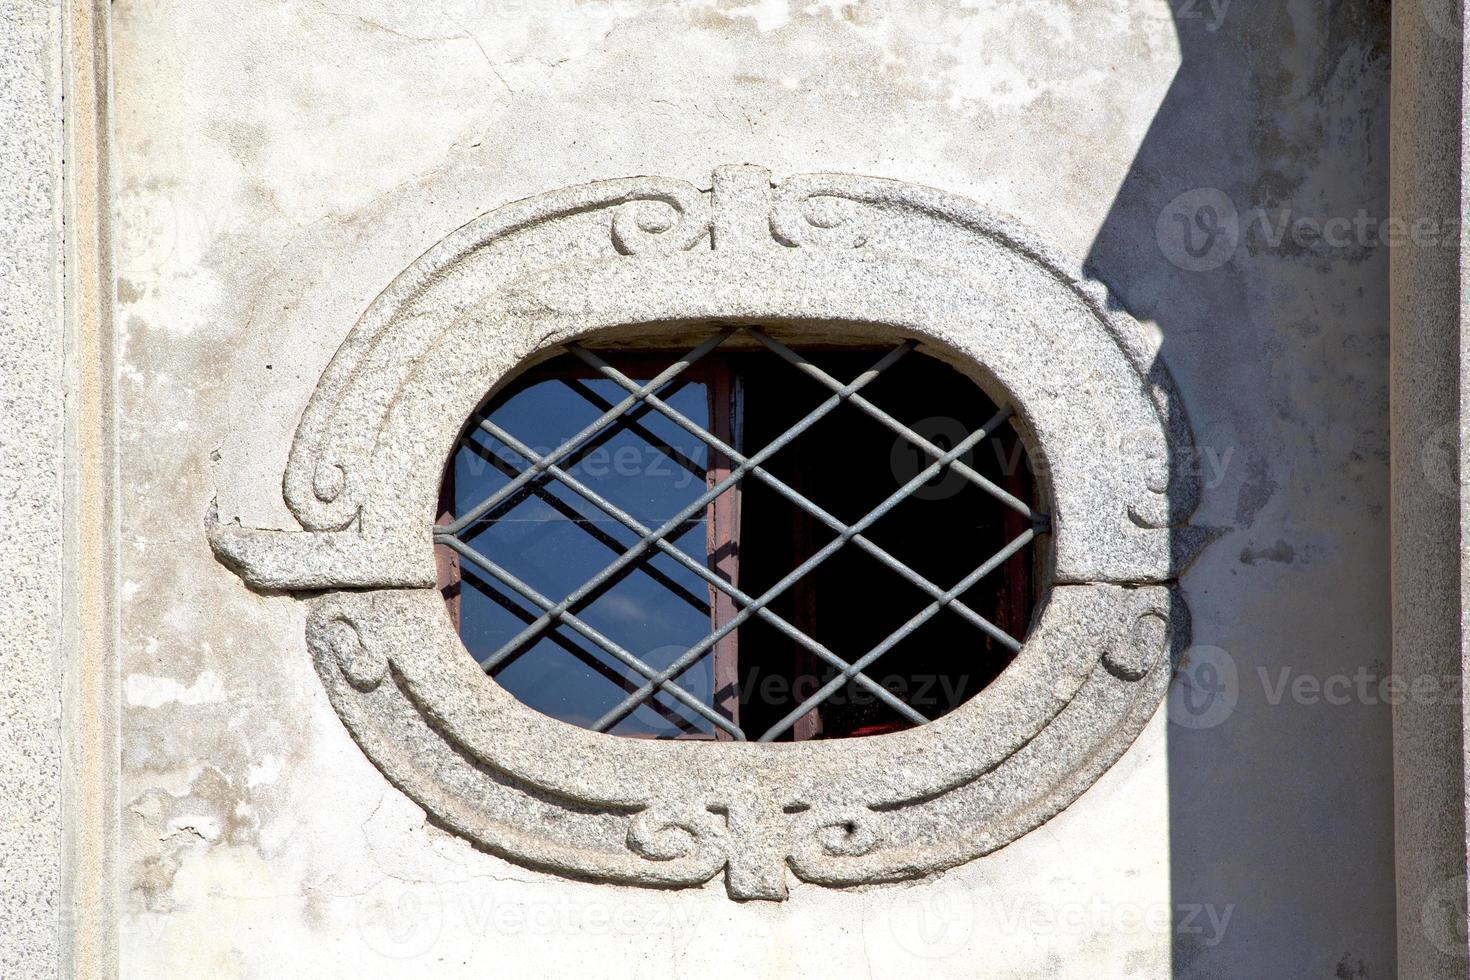 någraago kyrka varese italien t fönstret och mosaik foto